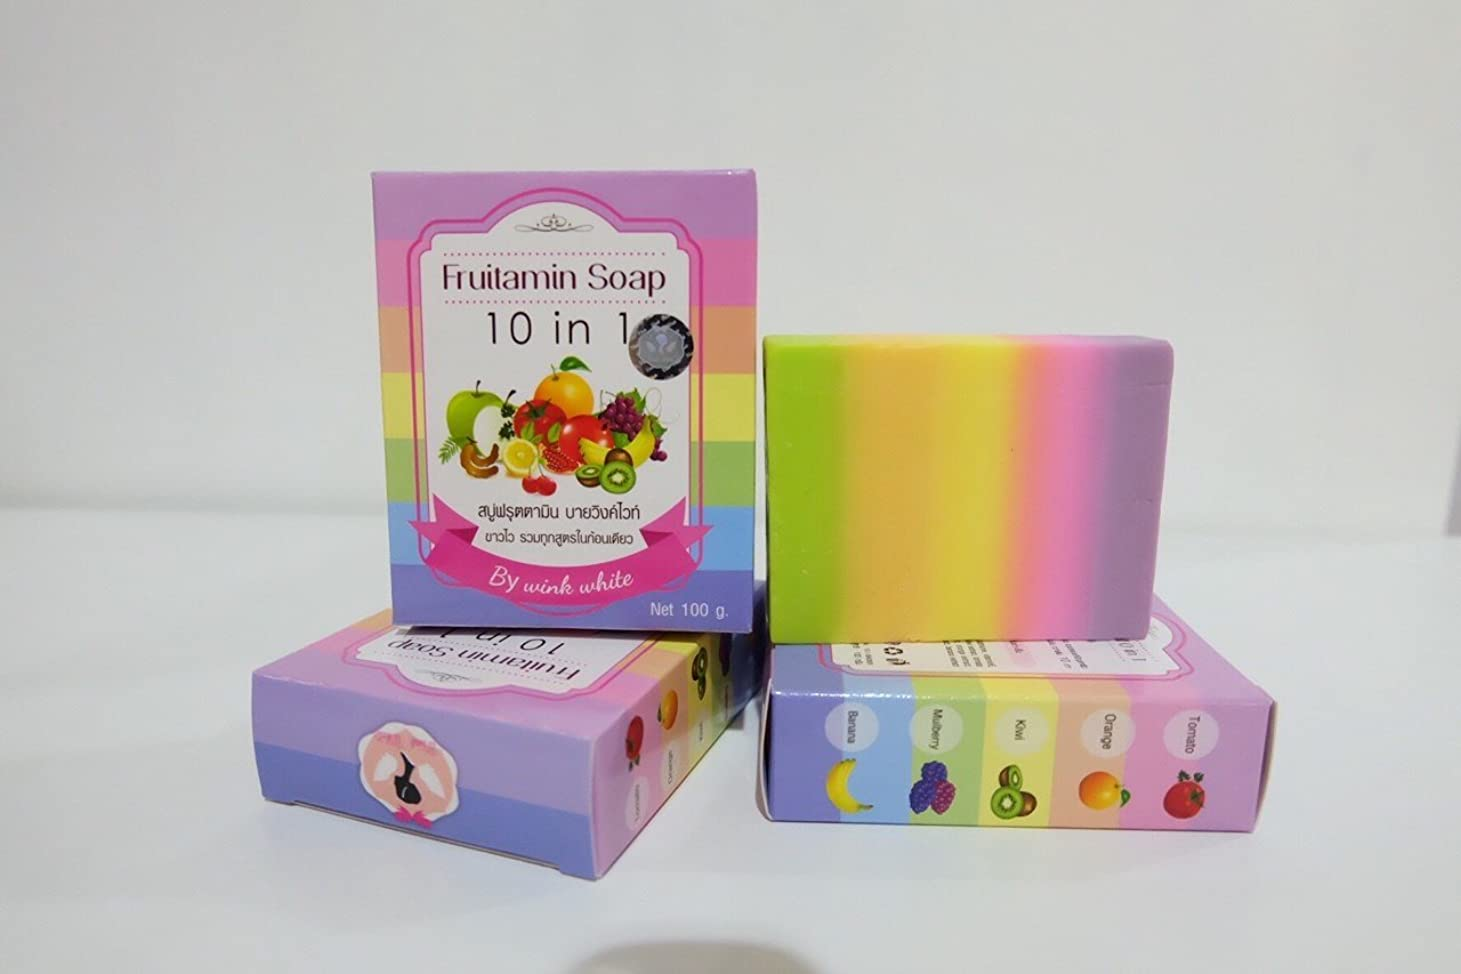 手書き脈拍ステレオFRUITAMIN SOAP 10 IN 1 soap jelly cubes single vitamins park headlights course. Whitening Soap. 100 g. Free Shipping.